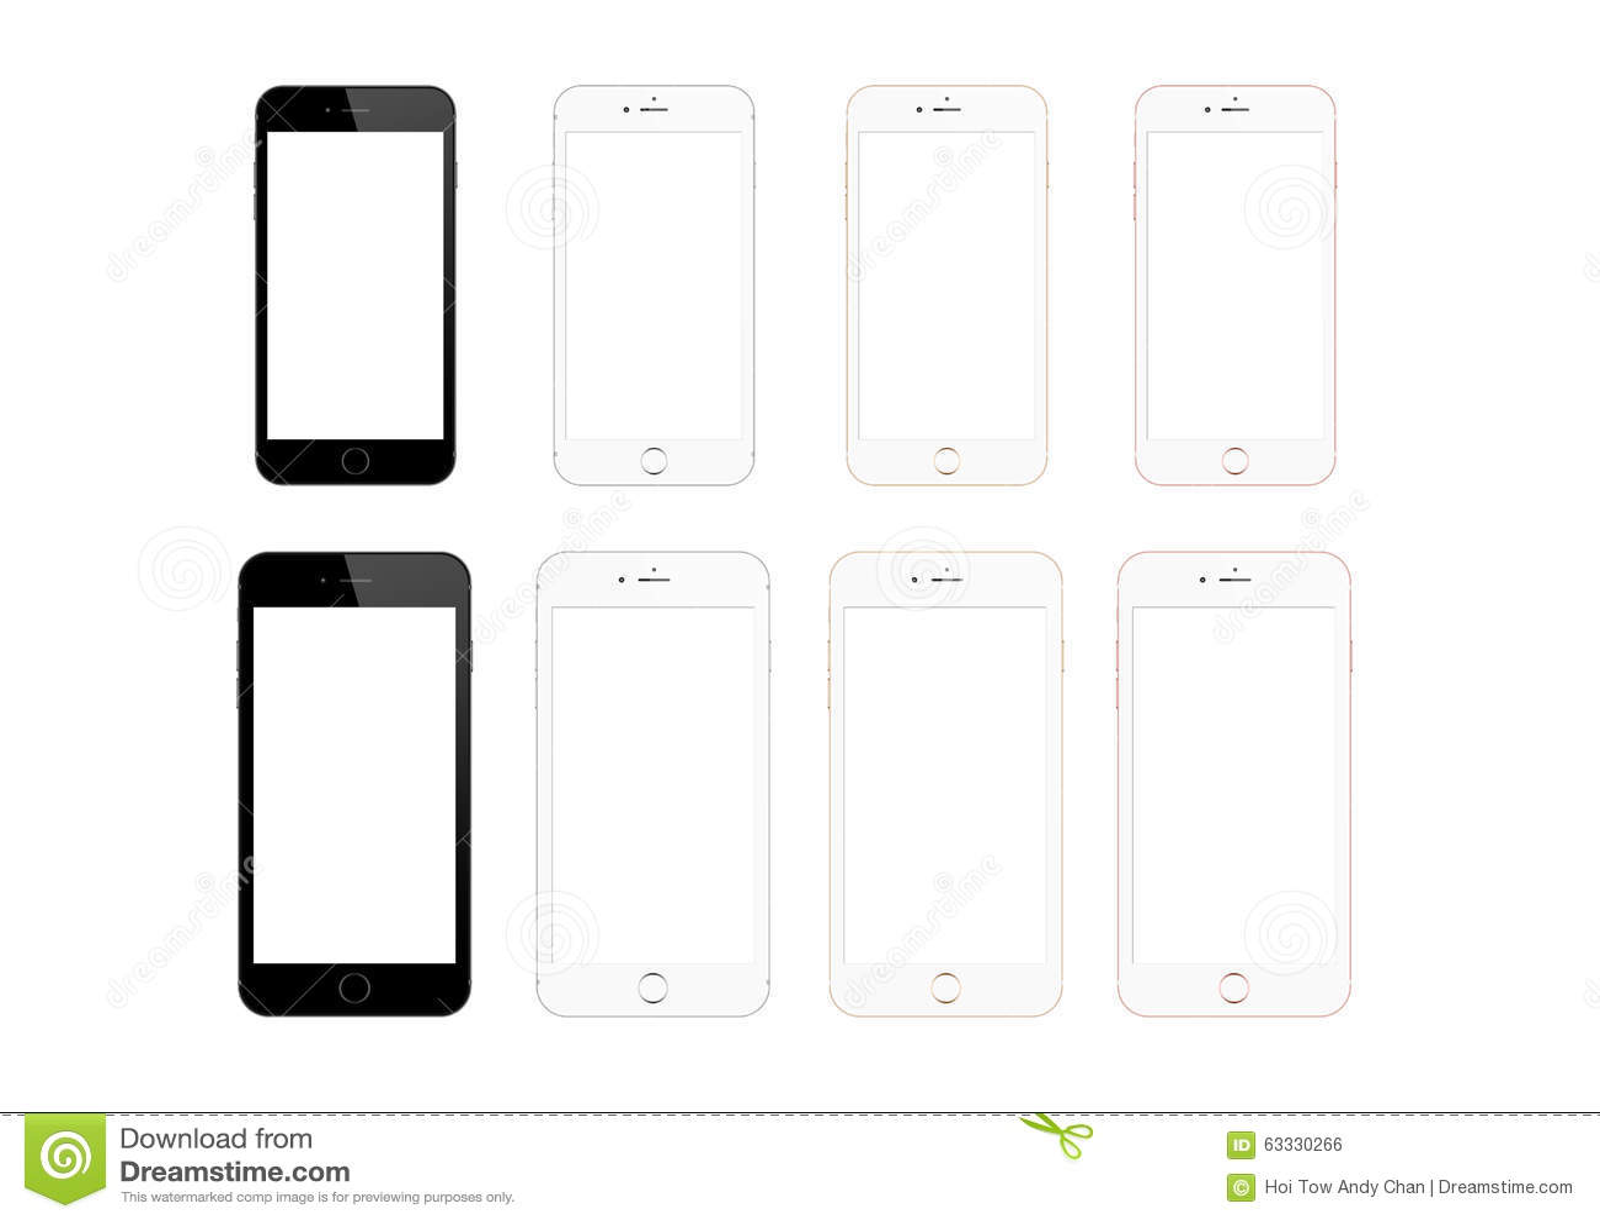 iphone 6s plus vs 7